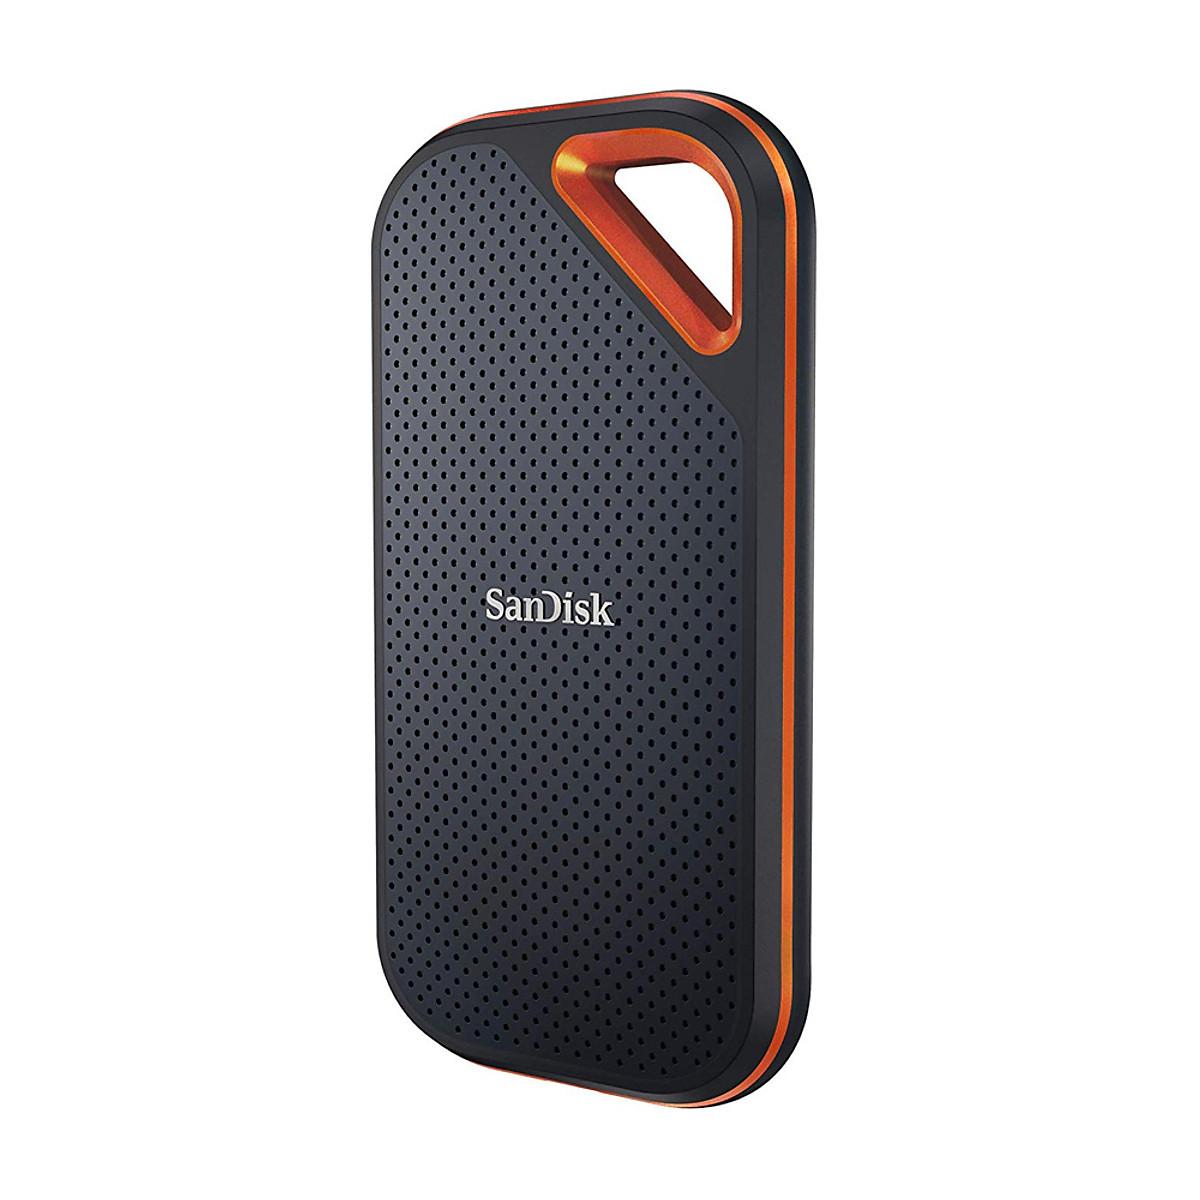 Ổ Cứng Di Động Gắn Ngoài SSD Sandisk Extreme Pro 500GB – Hàng Nhập Khẩu